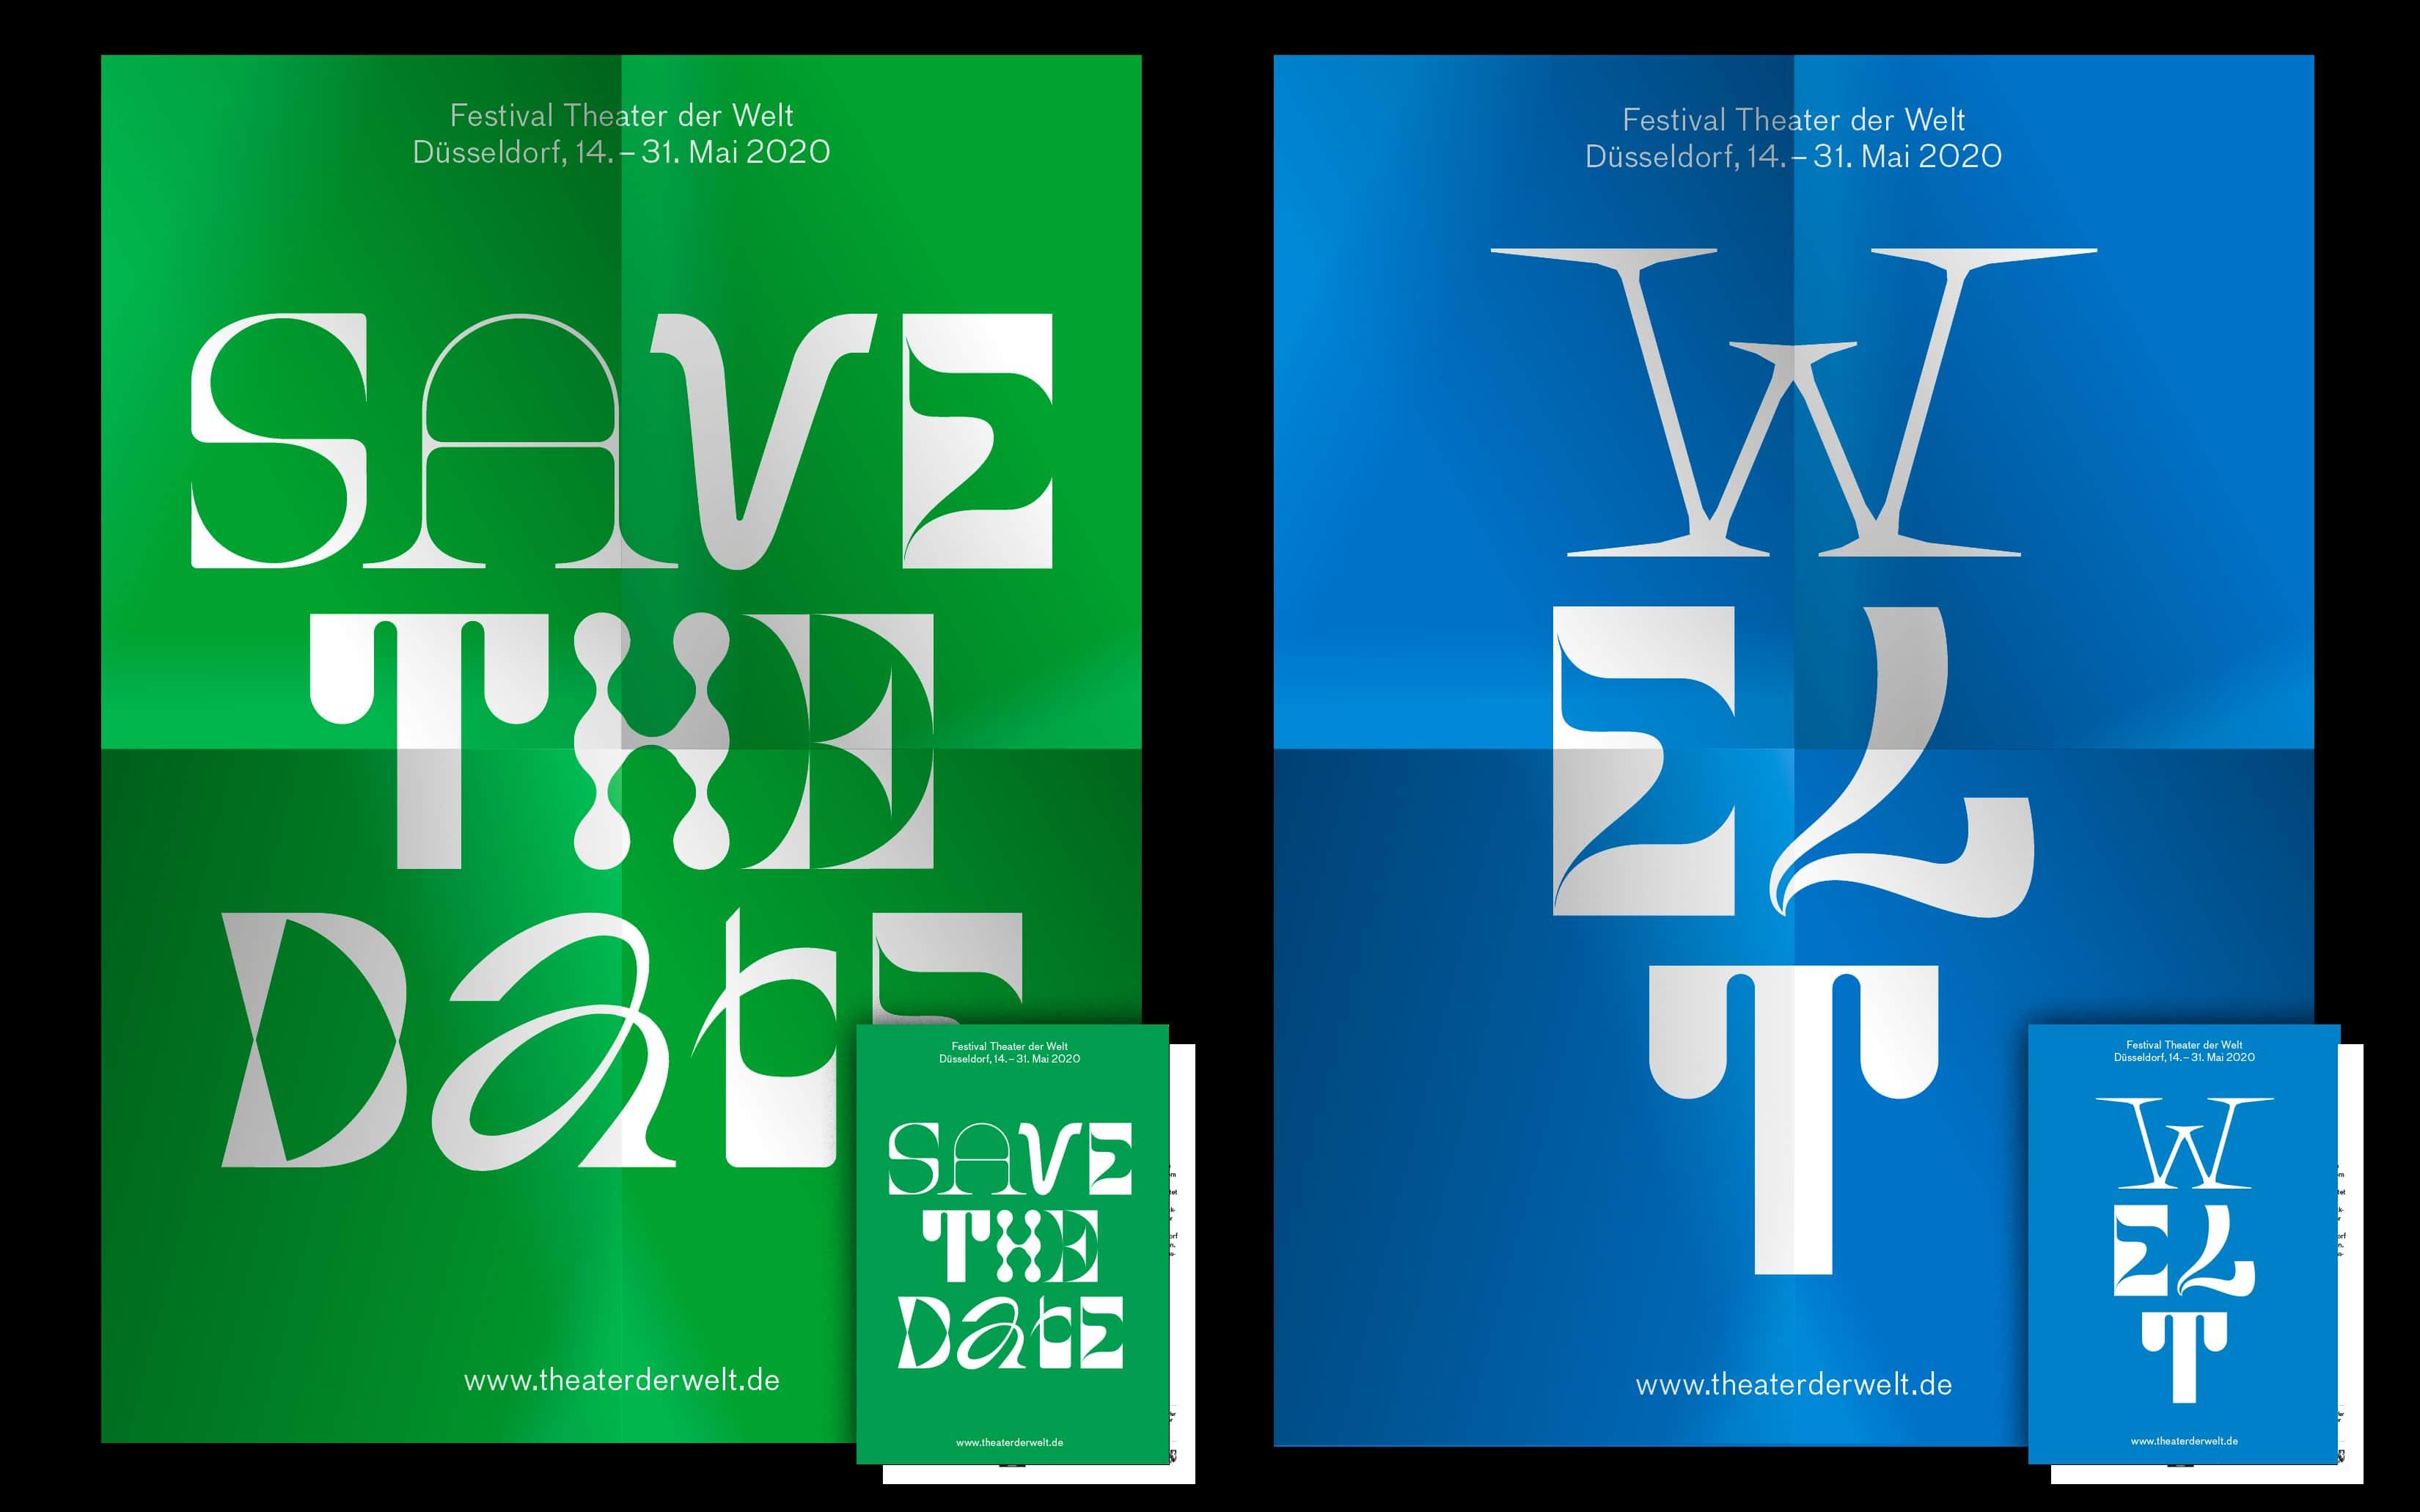 Bureau Johannes Erler – Auftakt zum Festival Theater der Welt